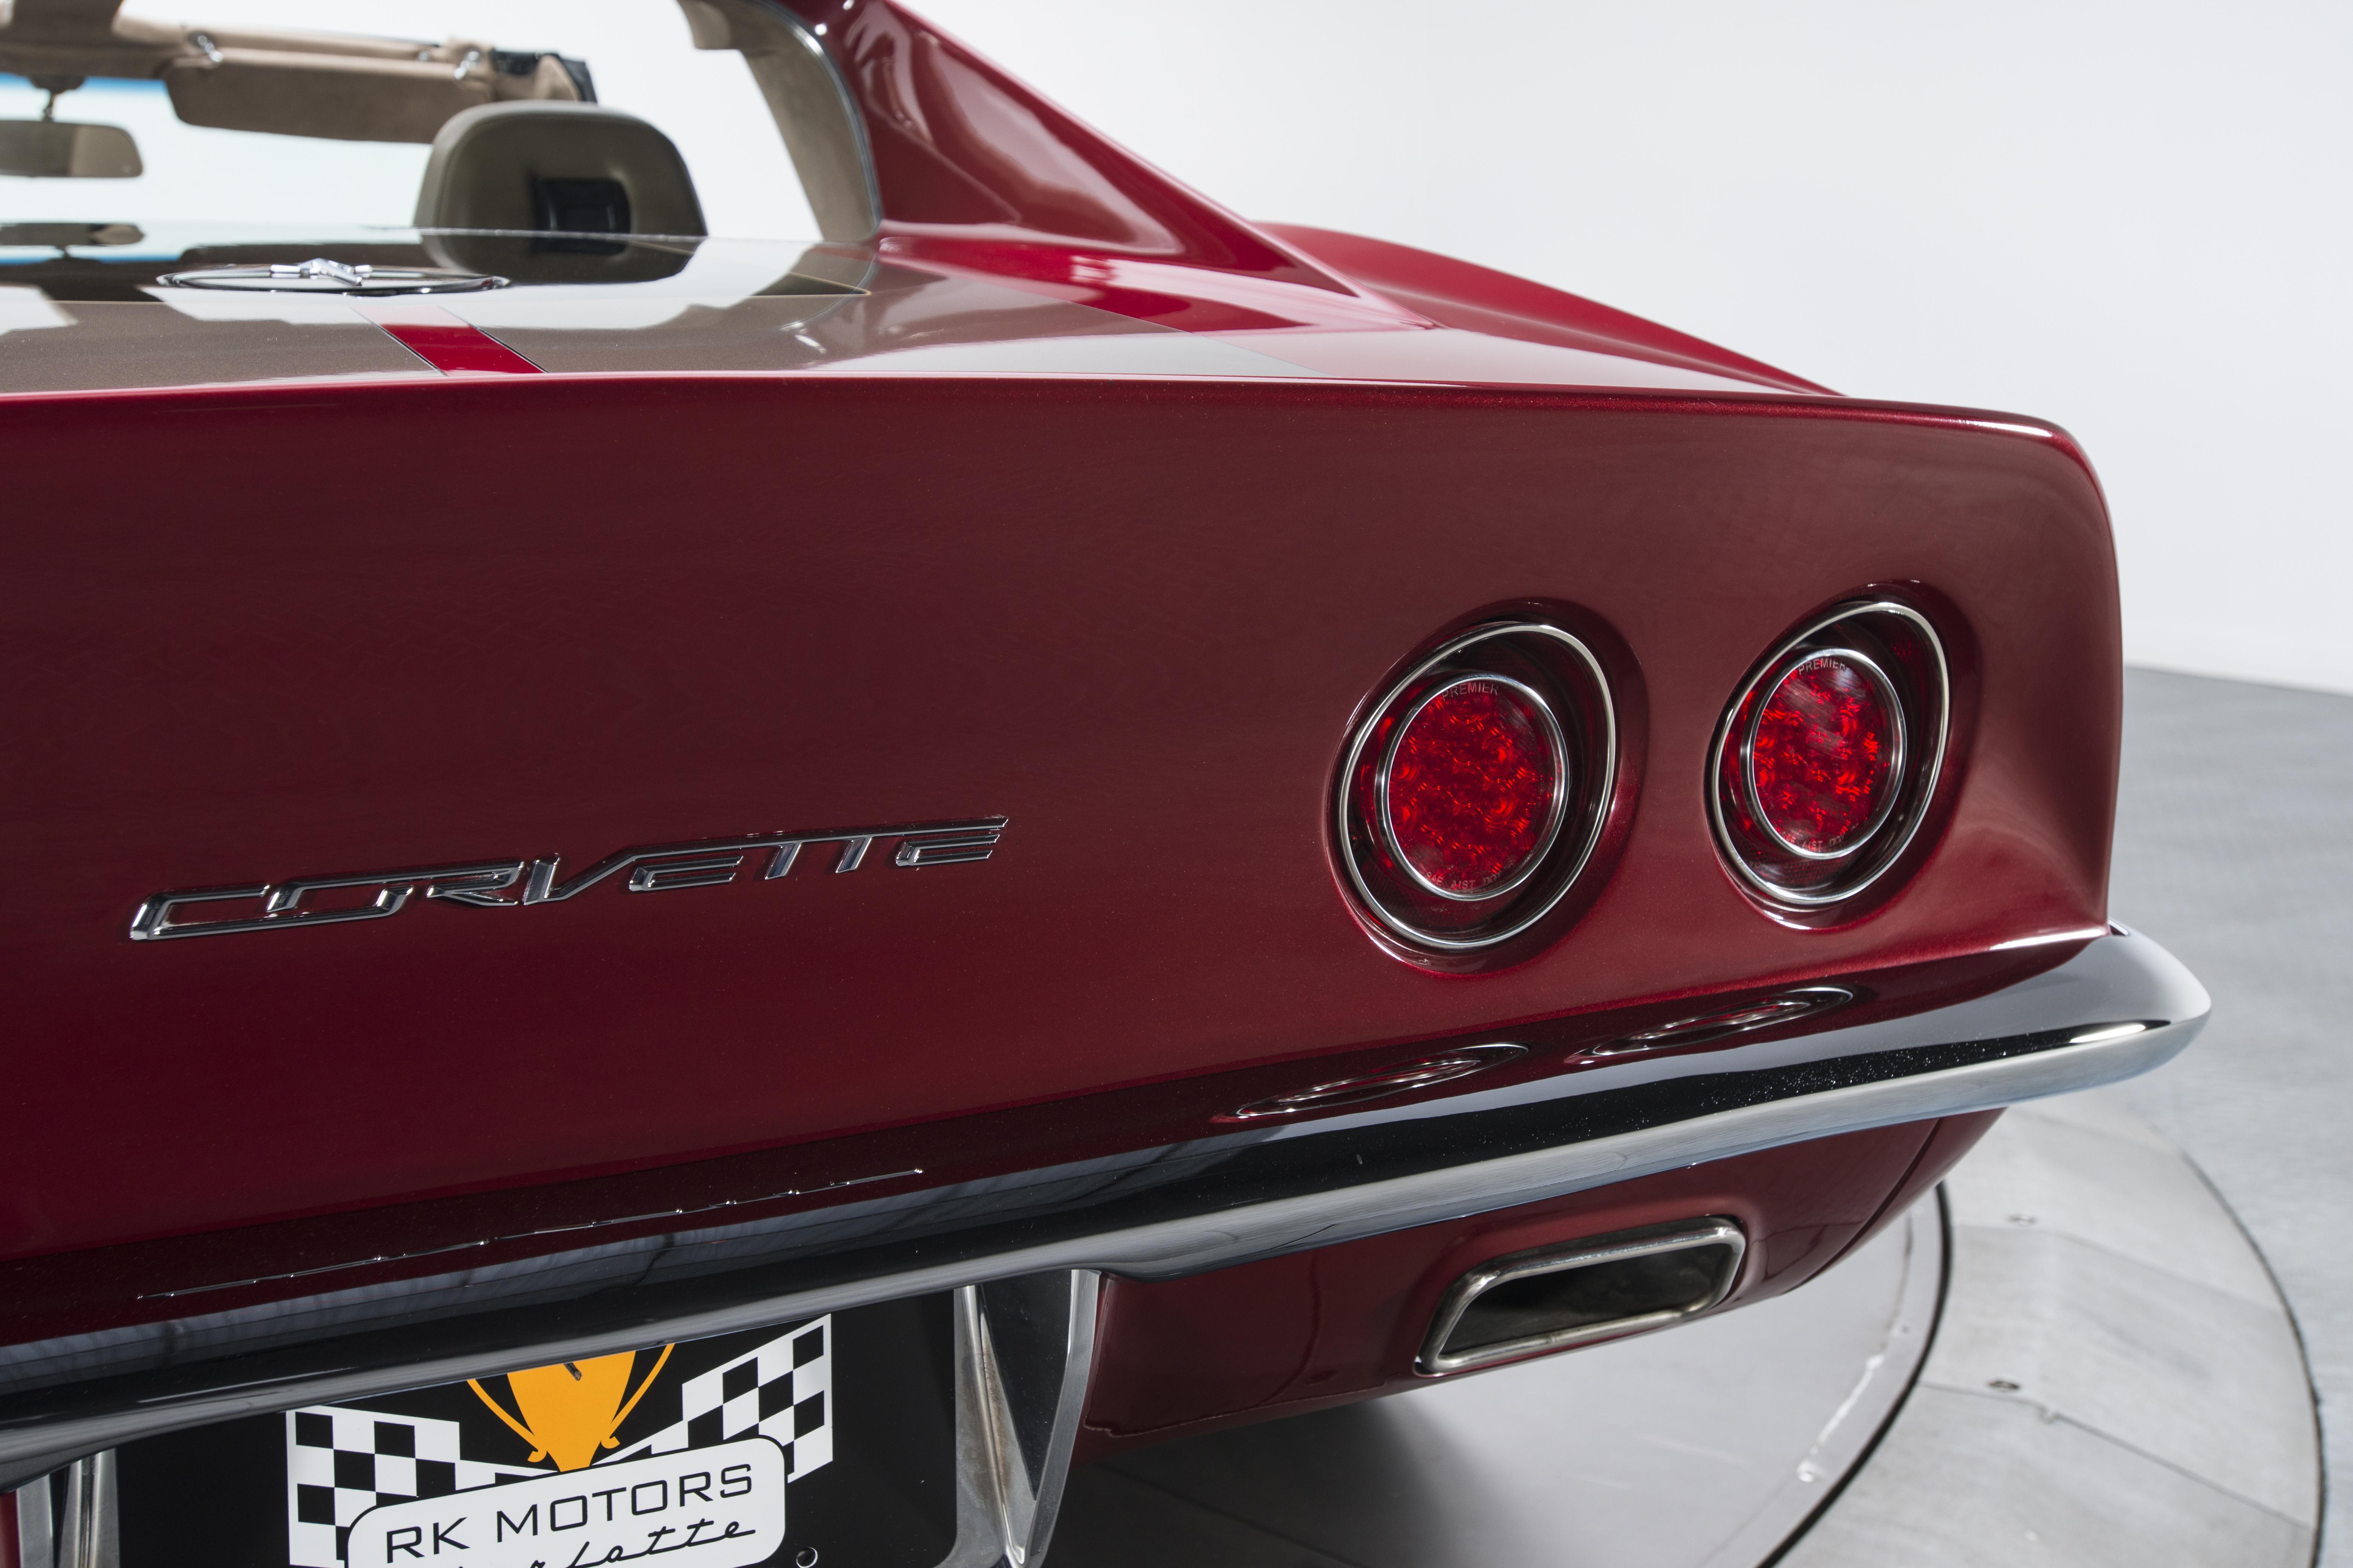 1972 Chevrolet Corvette1972 Chevrolet Corvette #25